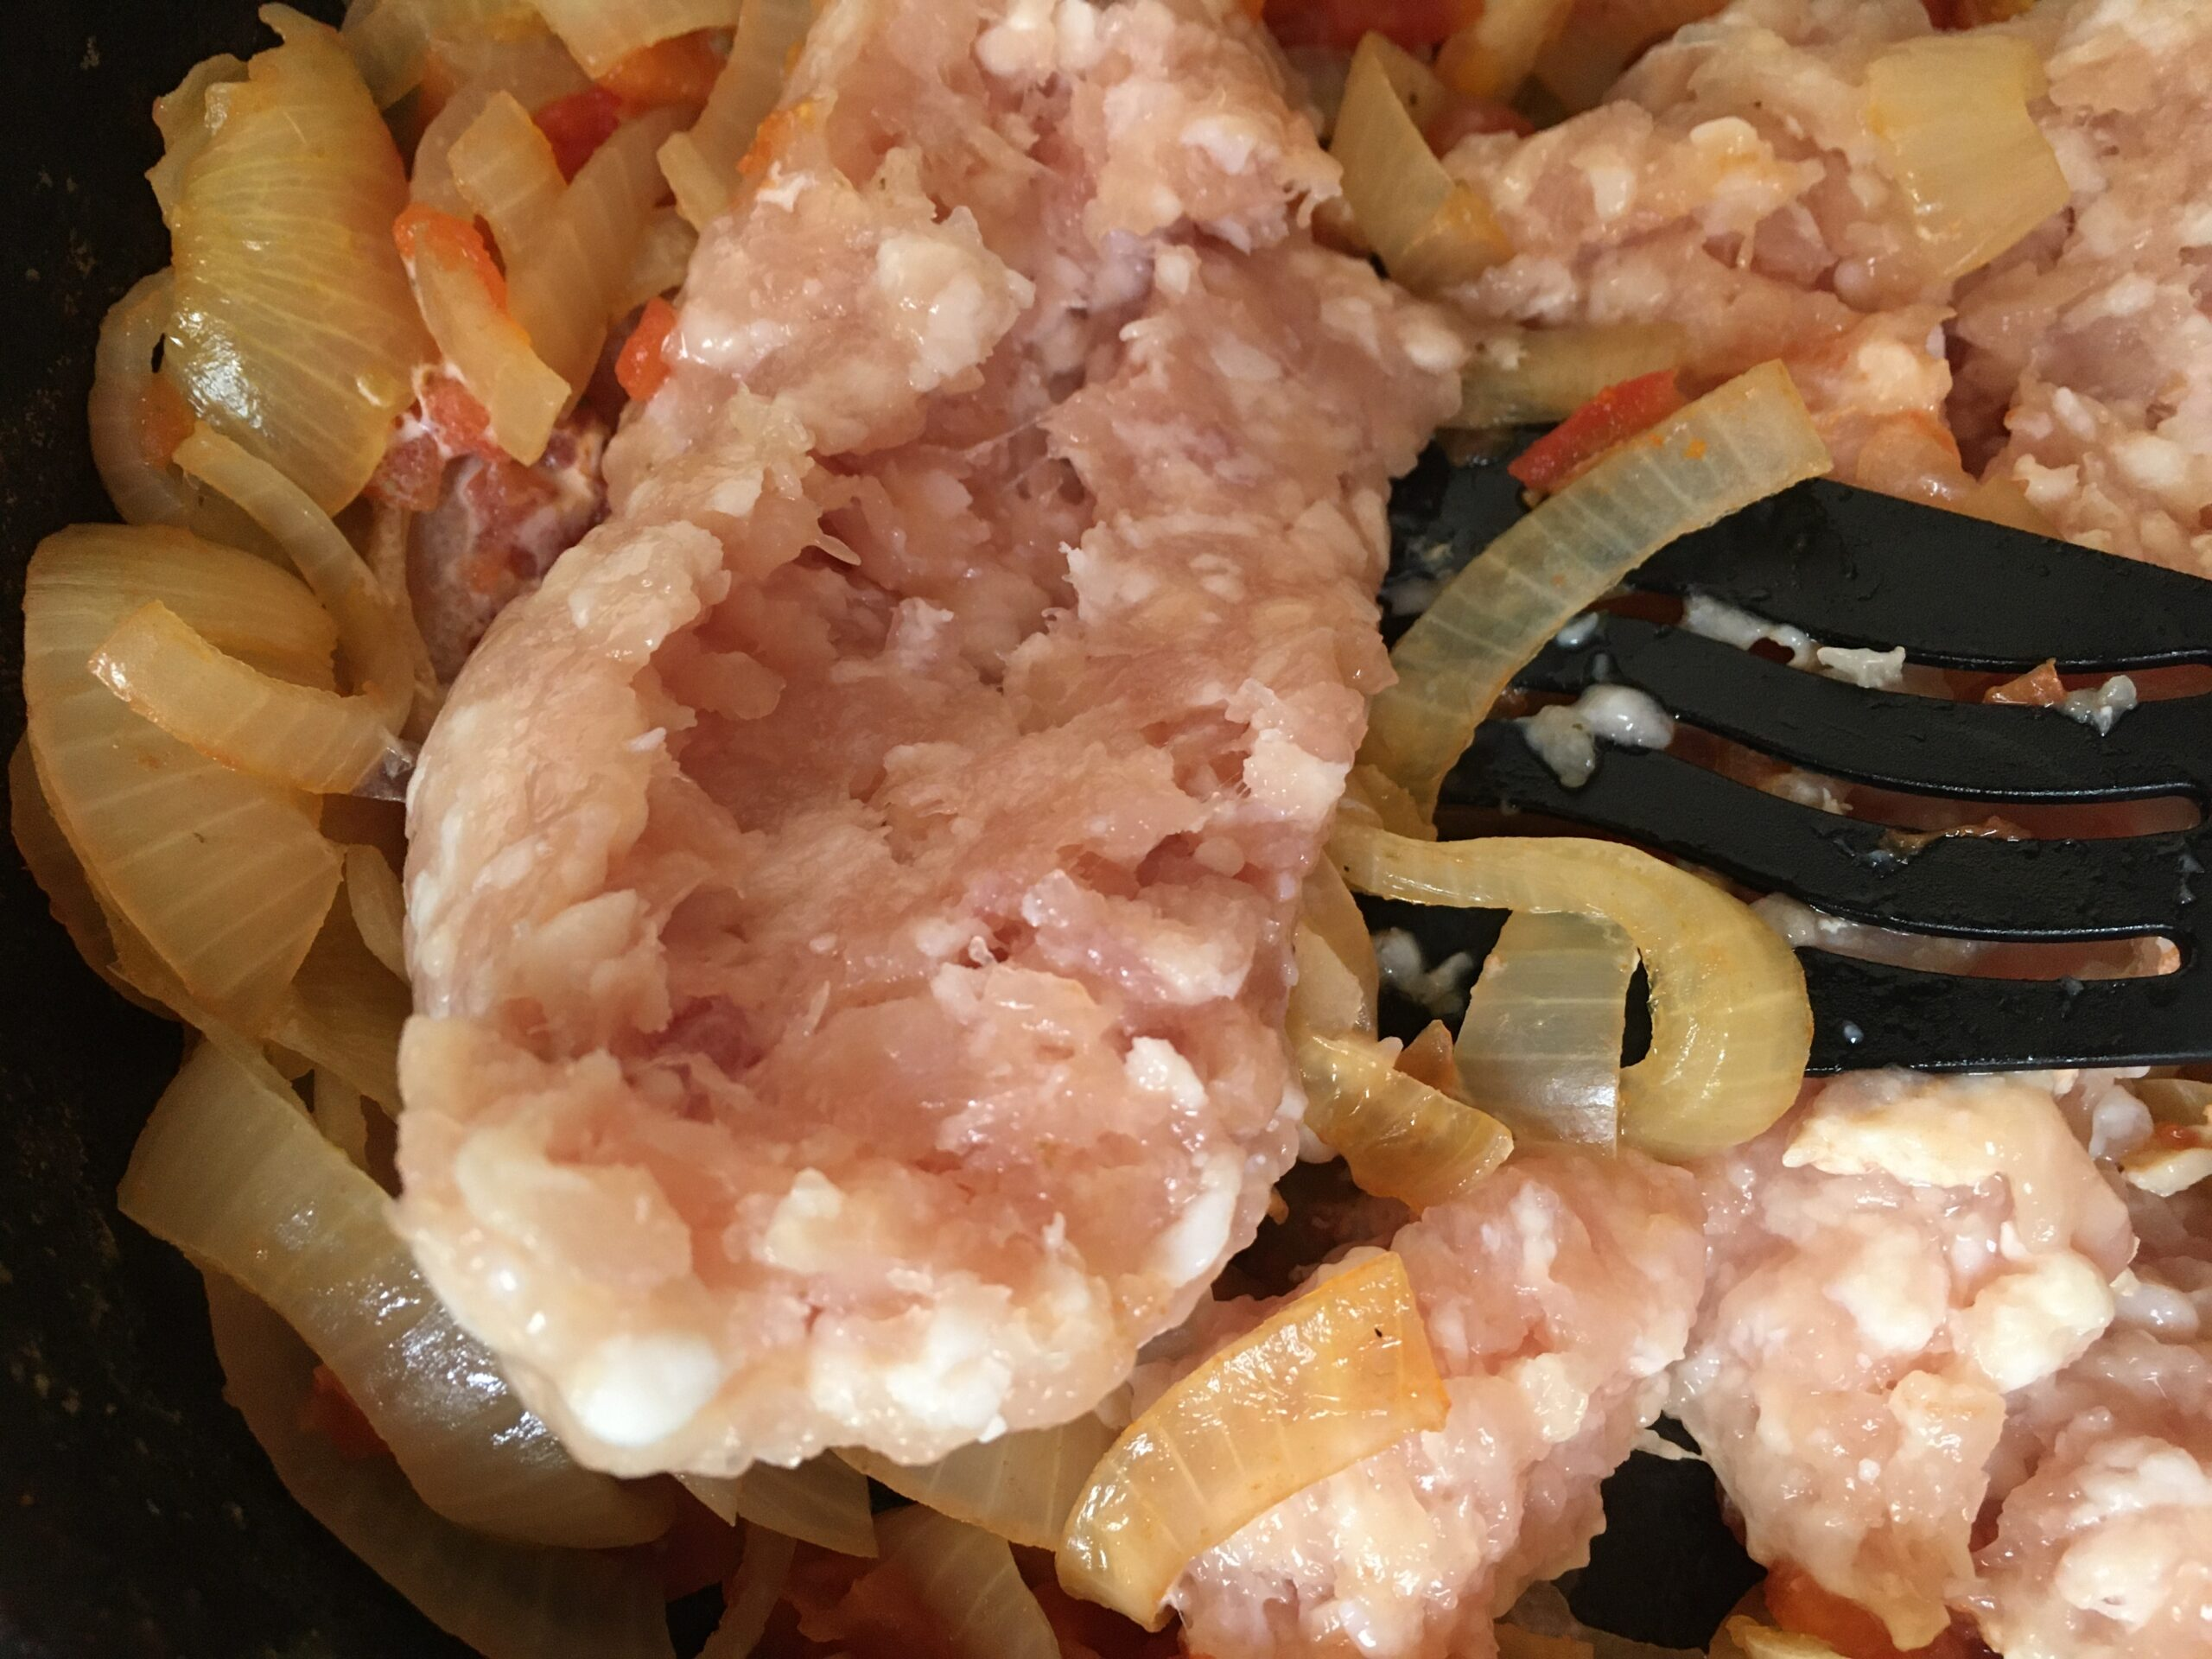 Второе блюдо из куриного фарша, риса, лука и помидоров